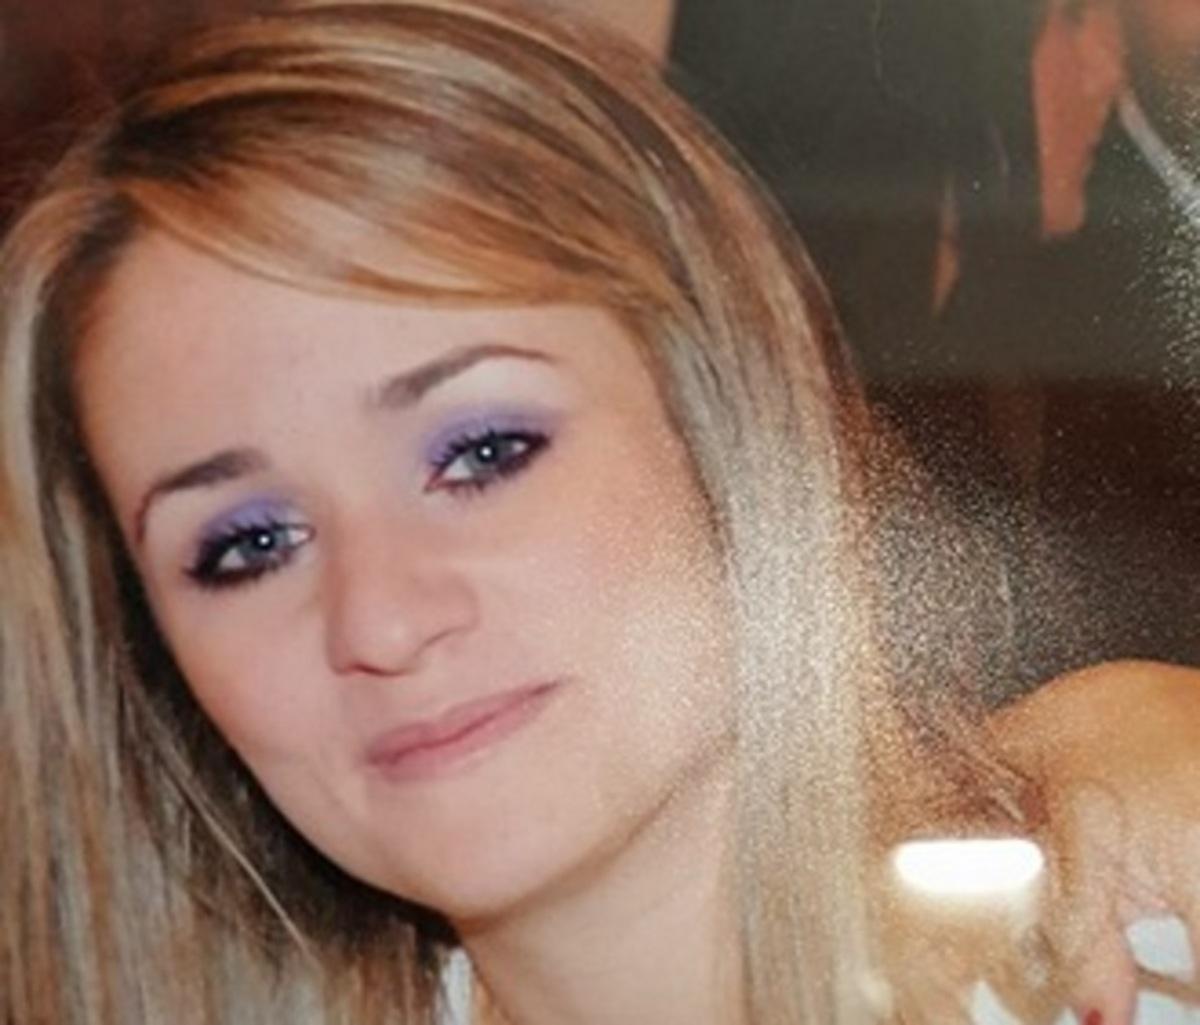 Πάτρα: Σπαραγμός για την Σταυρούλα Φρεμεντίτη – Το τελευταίο μήνυμα στην αδερφή της με 4 λέξεις [pics] | Newsit.gr